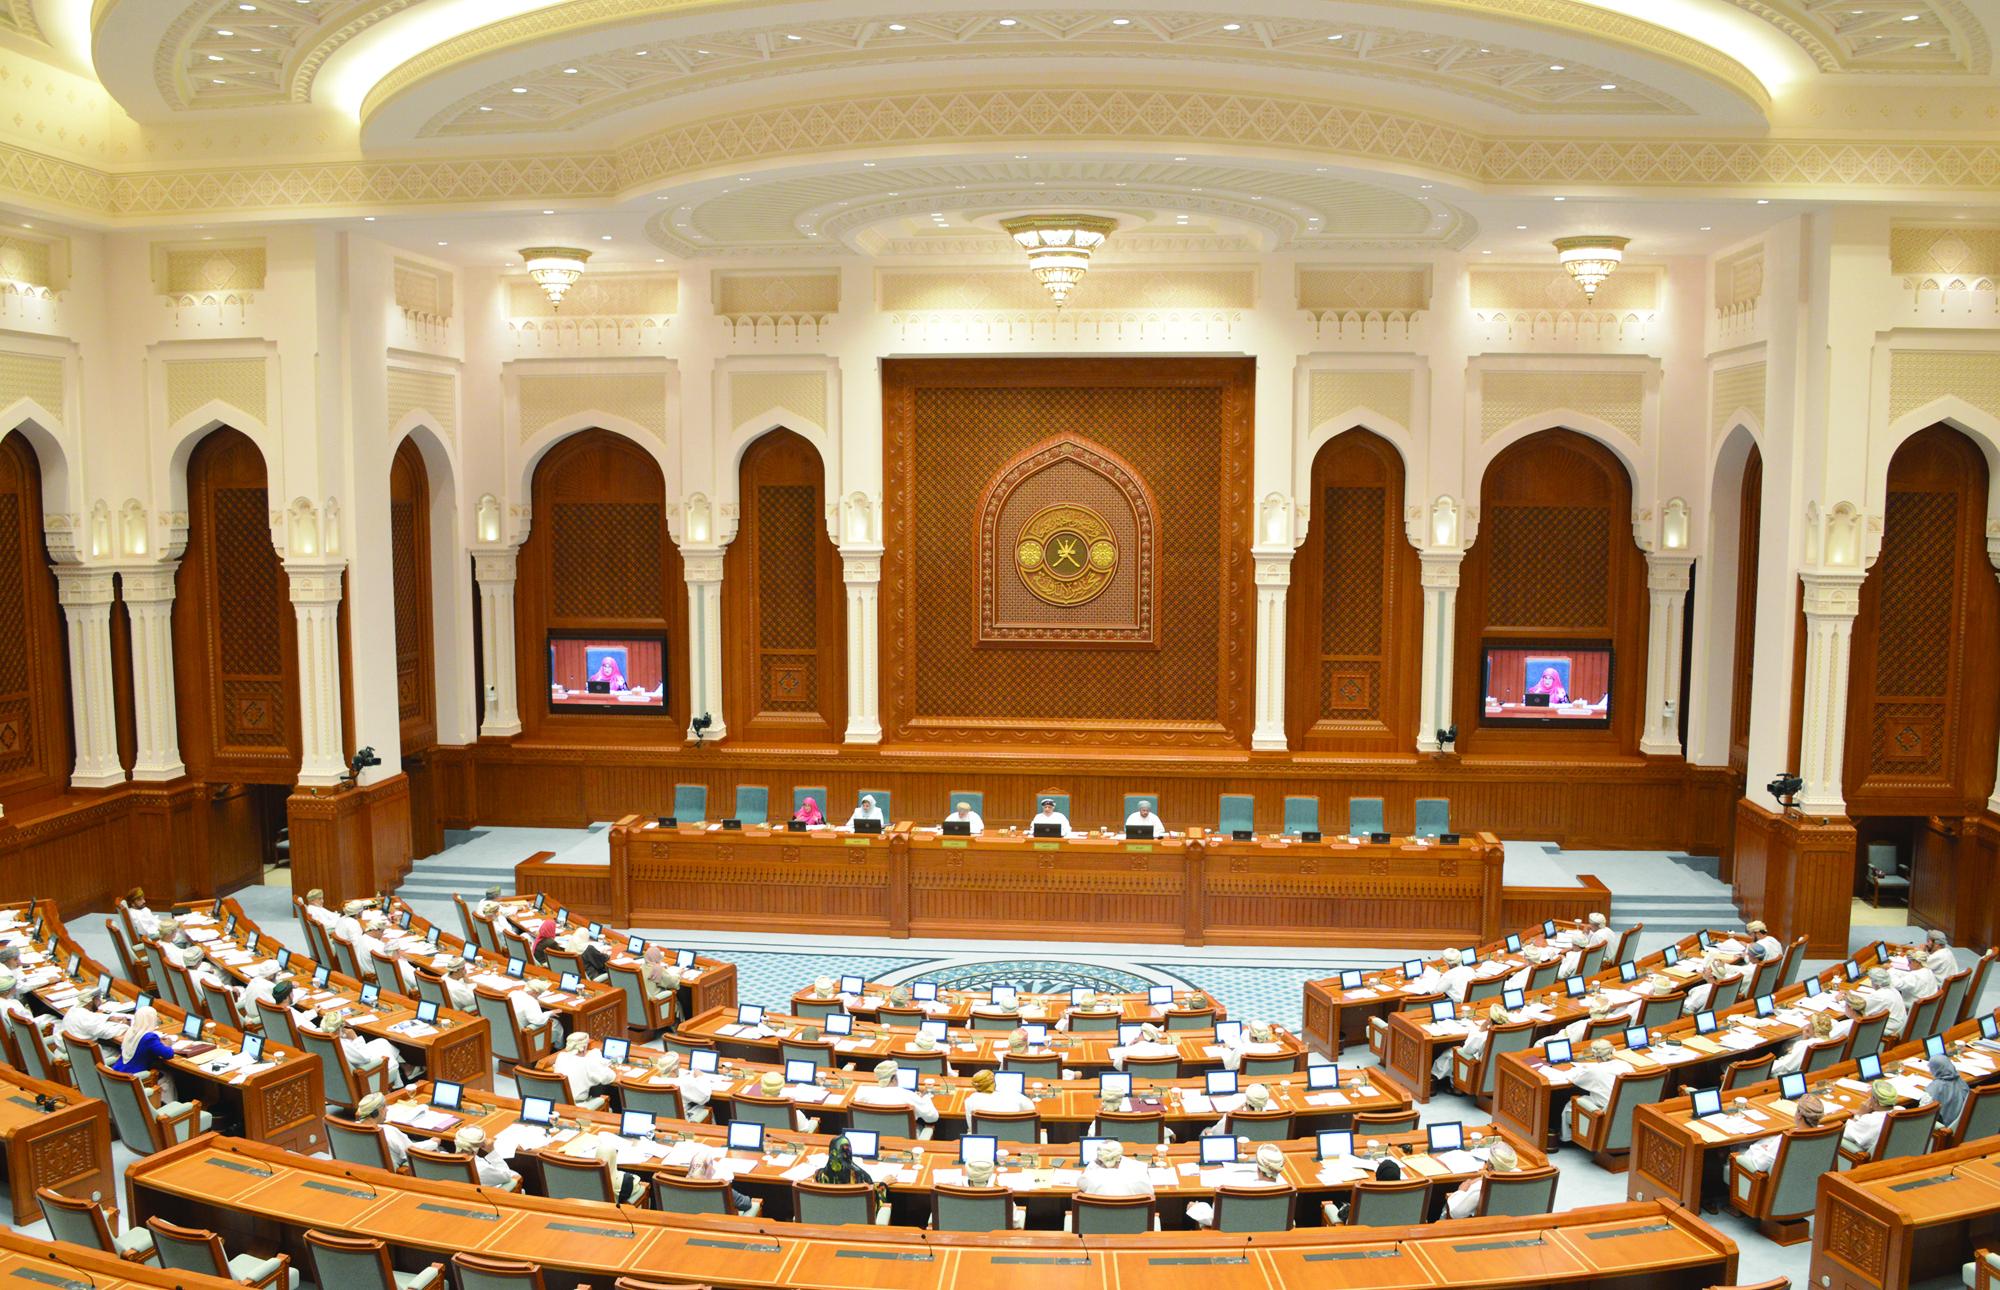 رئيس مجلس الدولة:المسيـرة الشـوريـة فـي السلطنـة تحظى باهتمام ورعاية جلالة السلطان المعظم